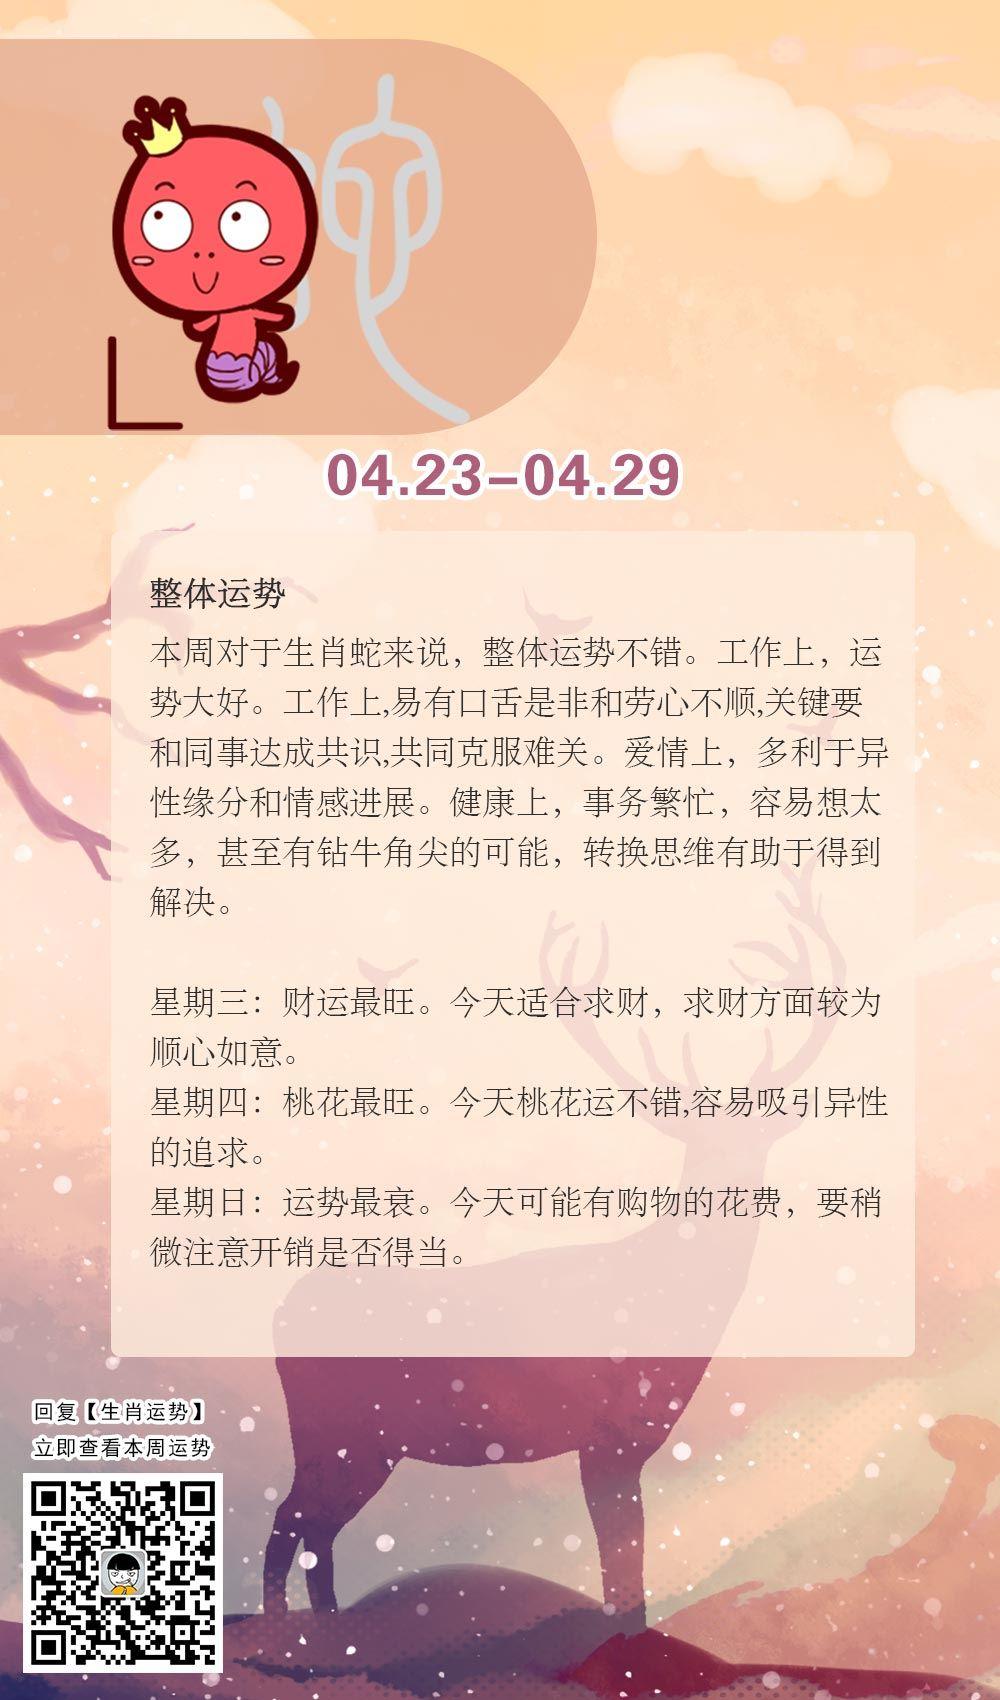 生肖蛇本周运势【2018.04.23-04.29】